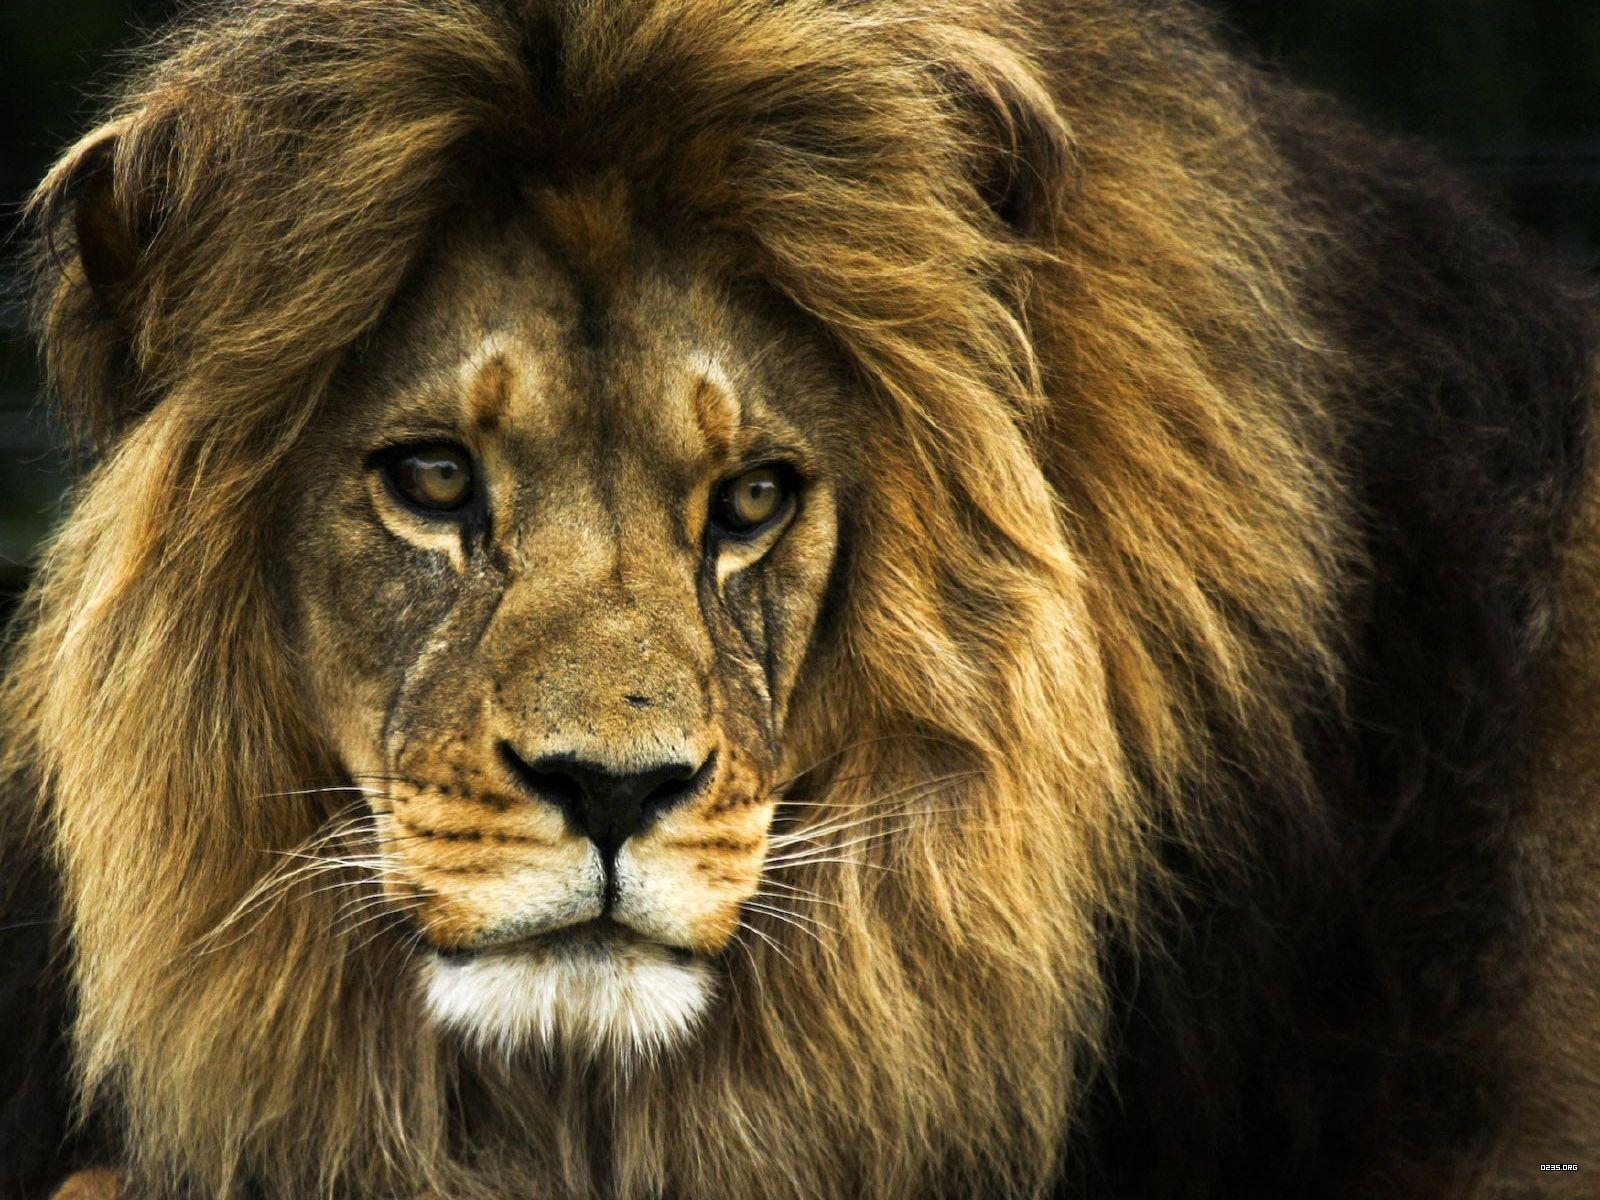 Bing Lions Lion Desktop Wallpaper Lion Wallpaper Hd Free